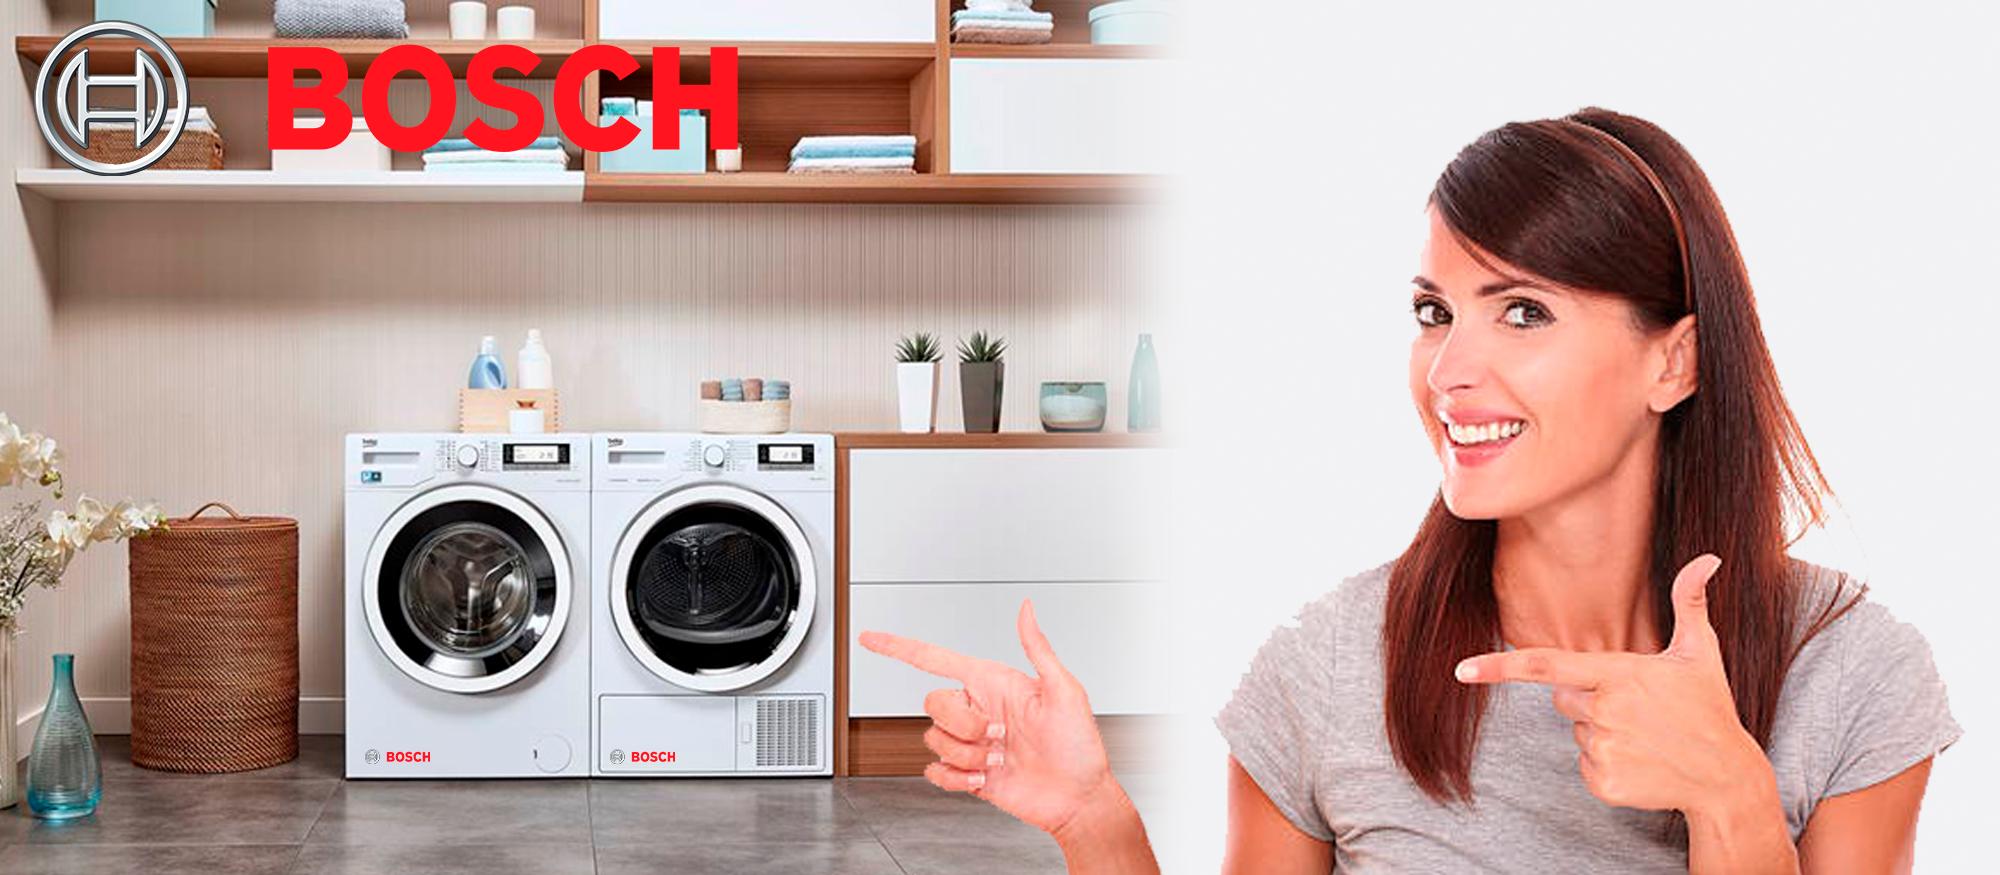 servicio tecnico de secadoras bosh